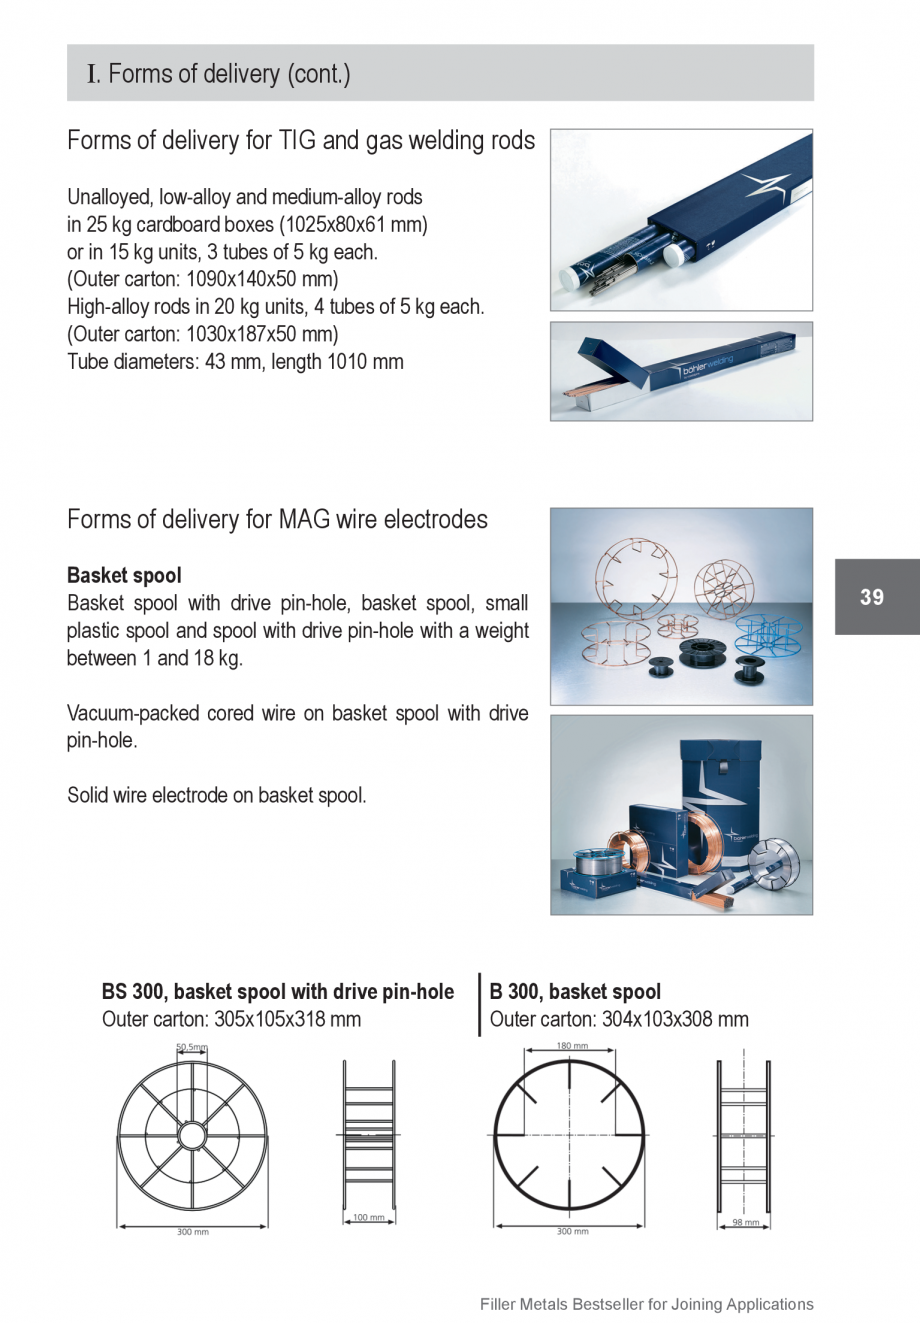 Pagina 39 - Solutii complete (materiale de adaos) pentru orice tip de aplicatie in sudare TEHNIC GAZ...